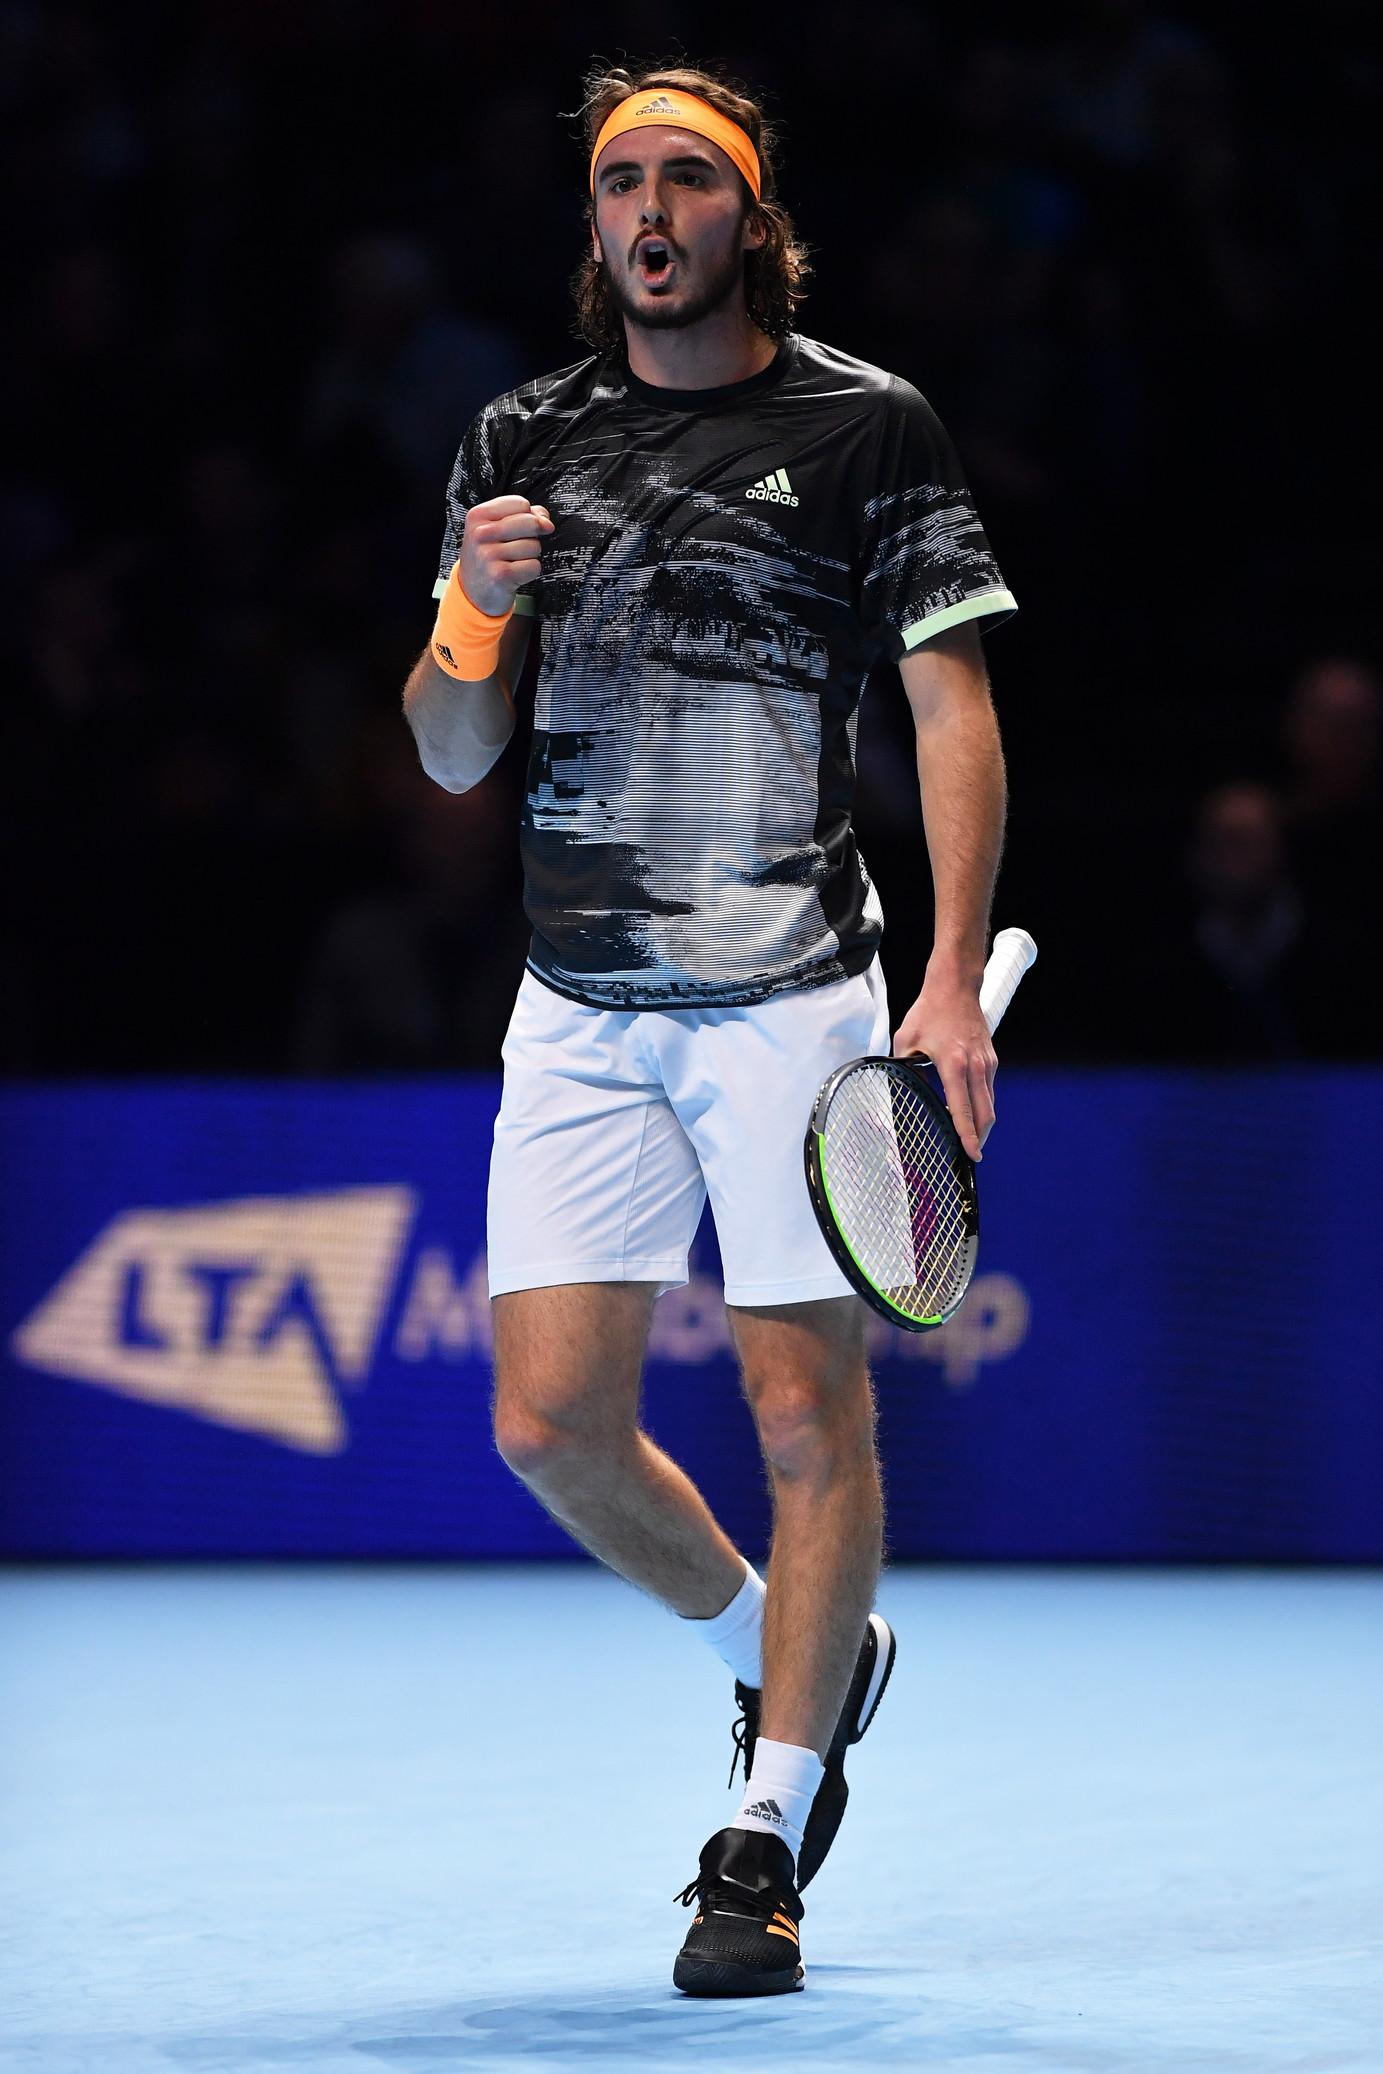 Il primo finalista delleAtp Finals2019 di Londra èStefanos Tsitsipas,che alla sua prima partecipazione al torneo arriva...